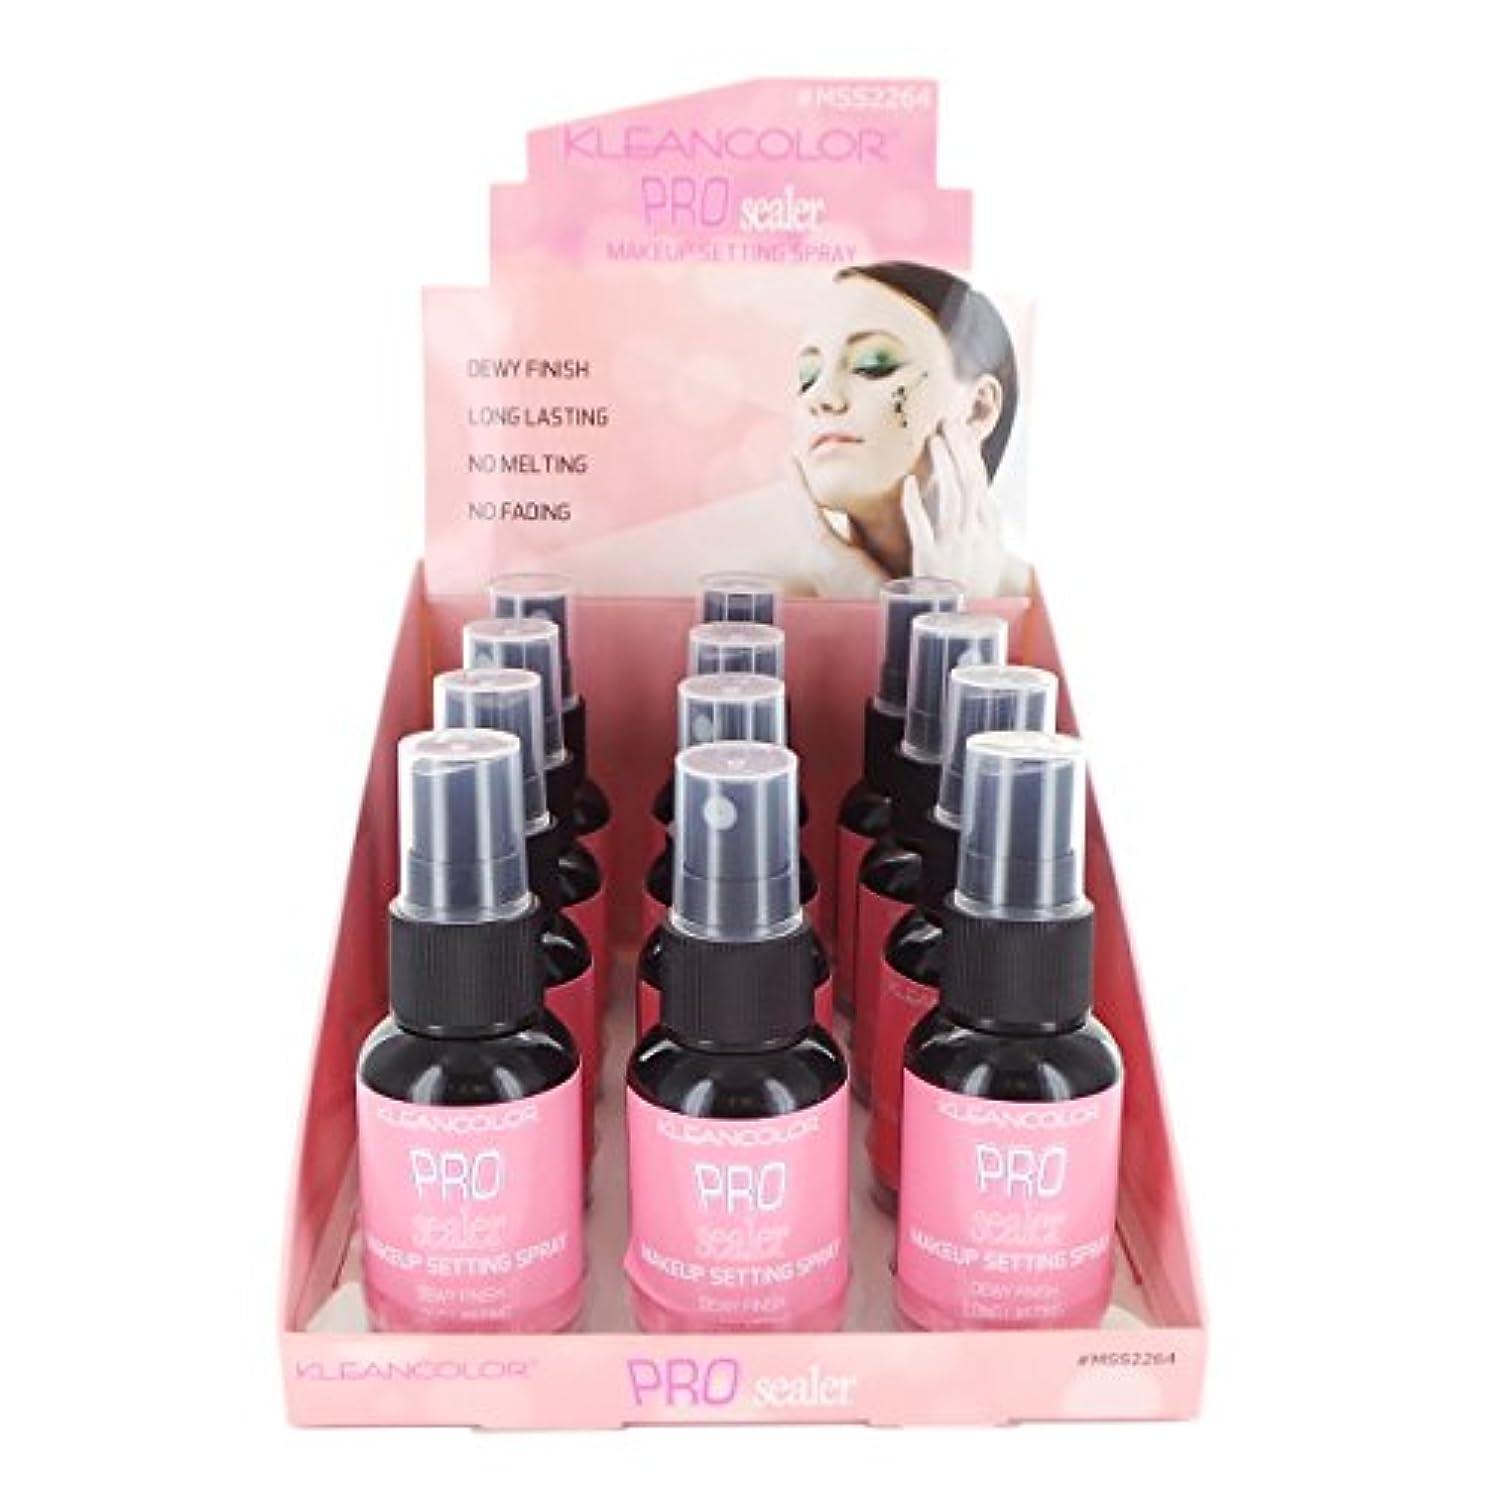 茎バリケード土地KLEANCOLOR Pro Sealer Makeup Setting Spray Display Set, 12 Pieces (並行輸入品)